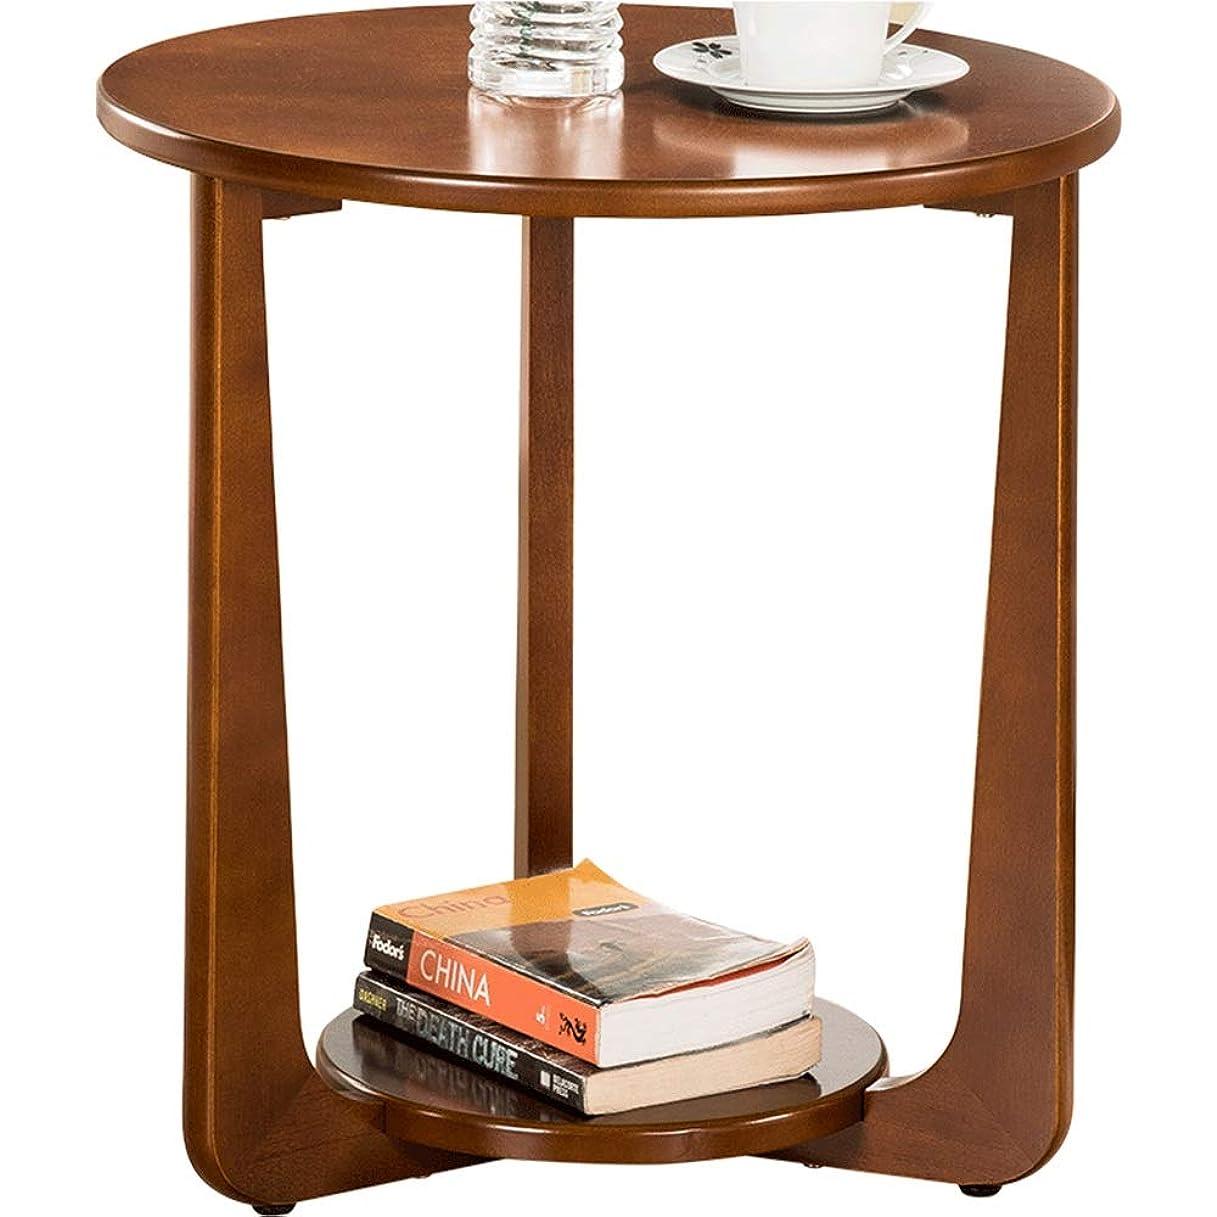 嵐が丘あいまいラフHAUYU テーブル サイドテーブル、リビングルームソファラウンドコーヒーテーブル読書用 - ウォールナットカラー50 * 53.5cm 耐久性のある (色 : ウォールナット)